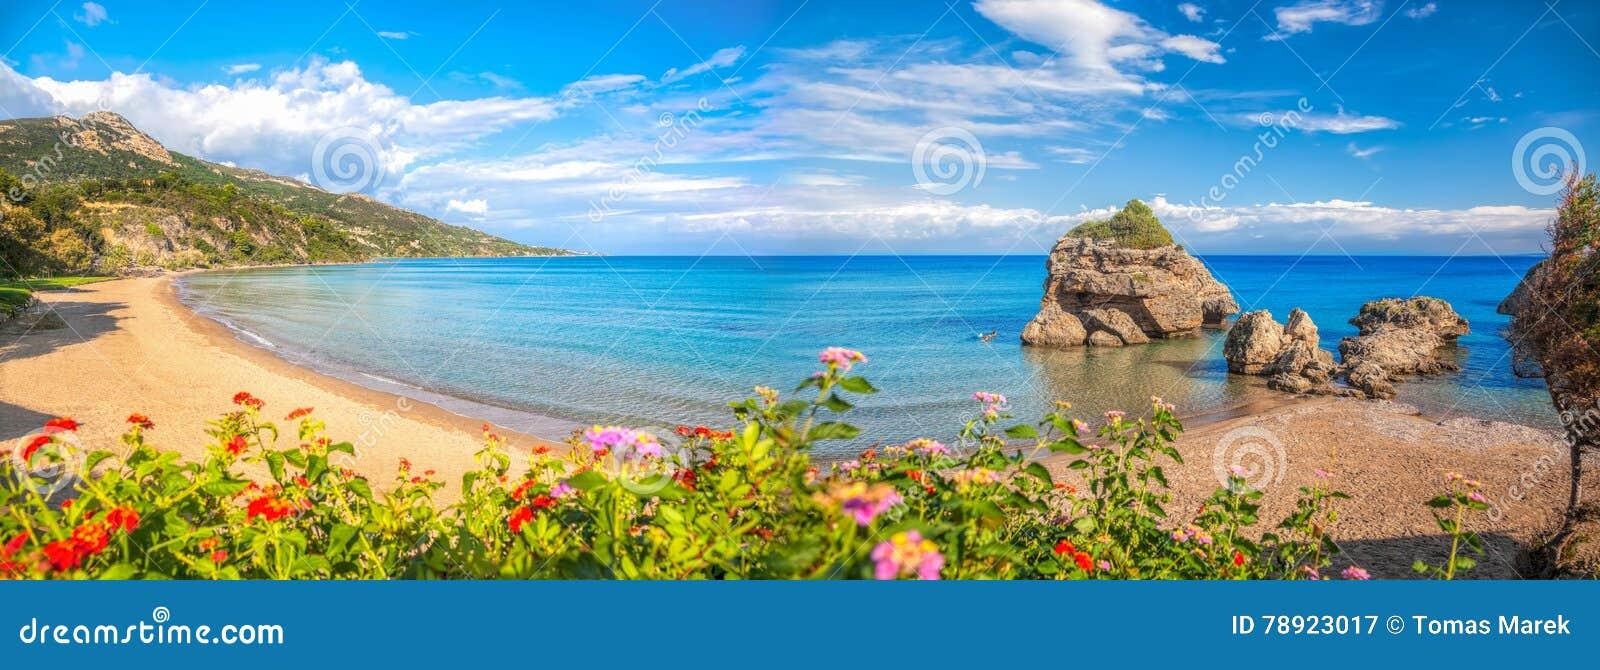 Panorama de la playa de Oporto Zorro contra las flores coloridas en la isla de Zakynthos, Grecia